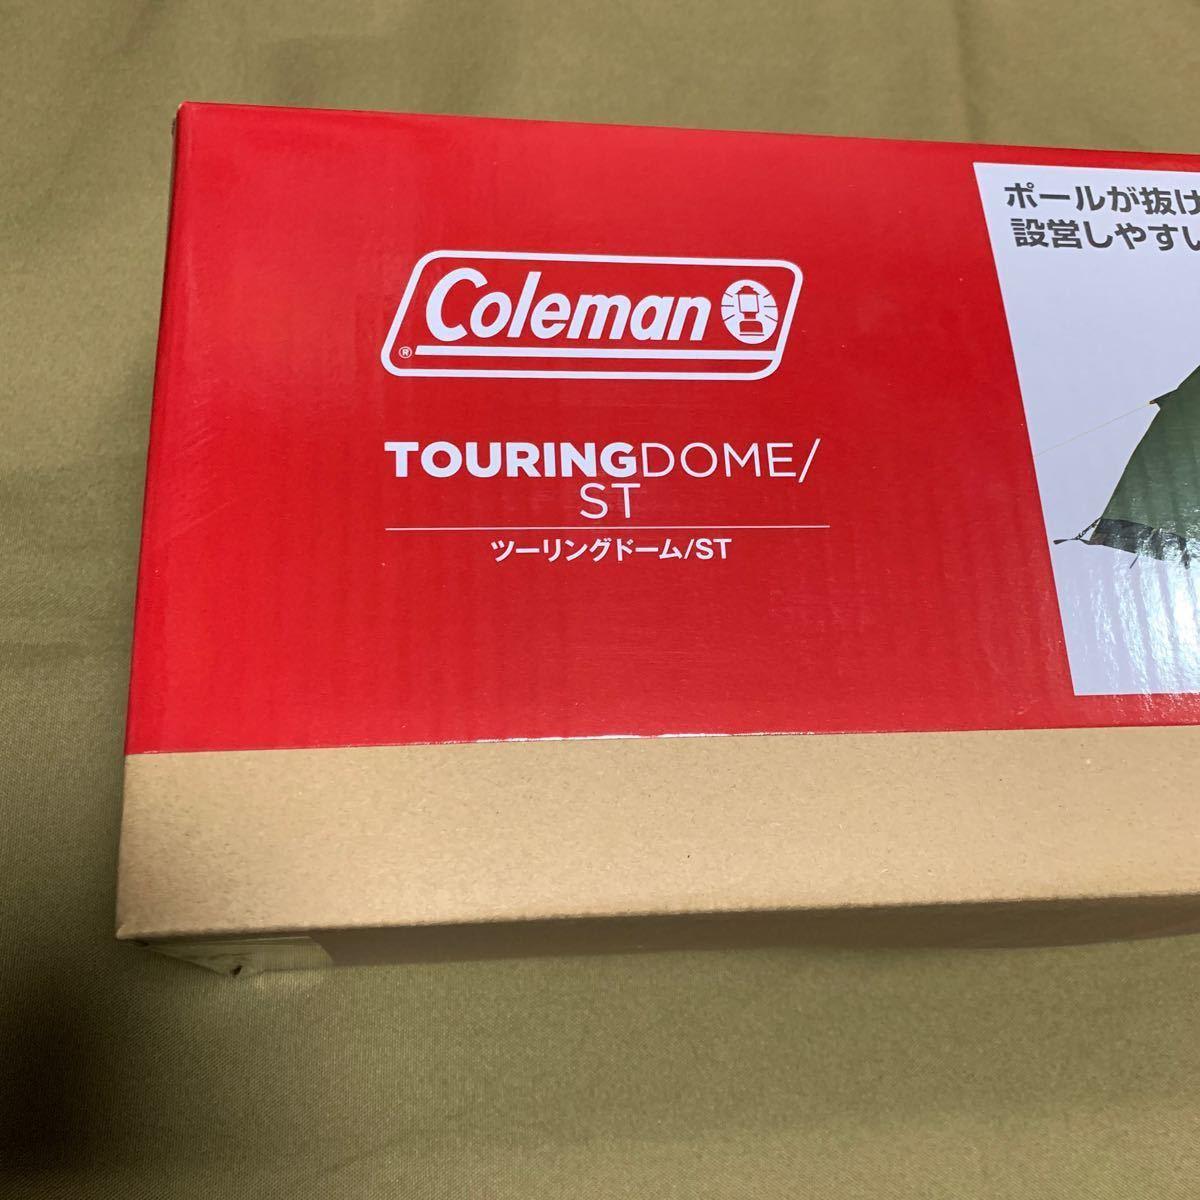 ★新品未開封★ Coleman テント コールマン ツーリングドーム ST オリーブ